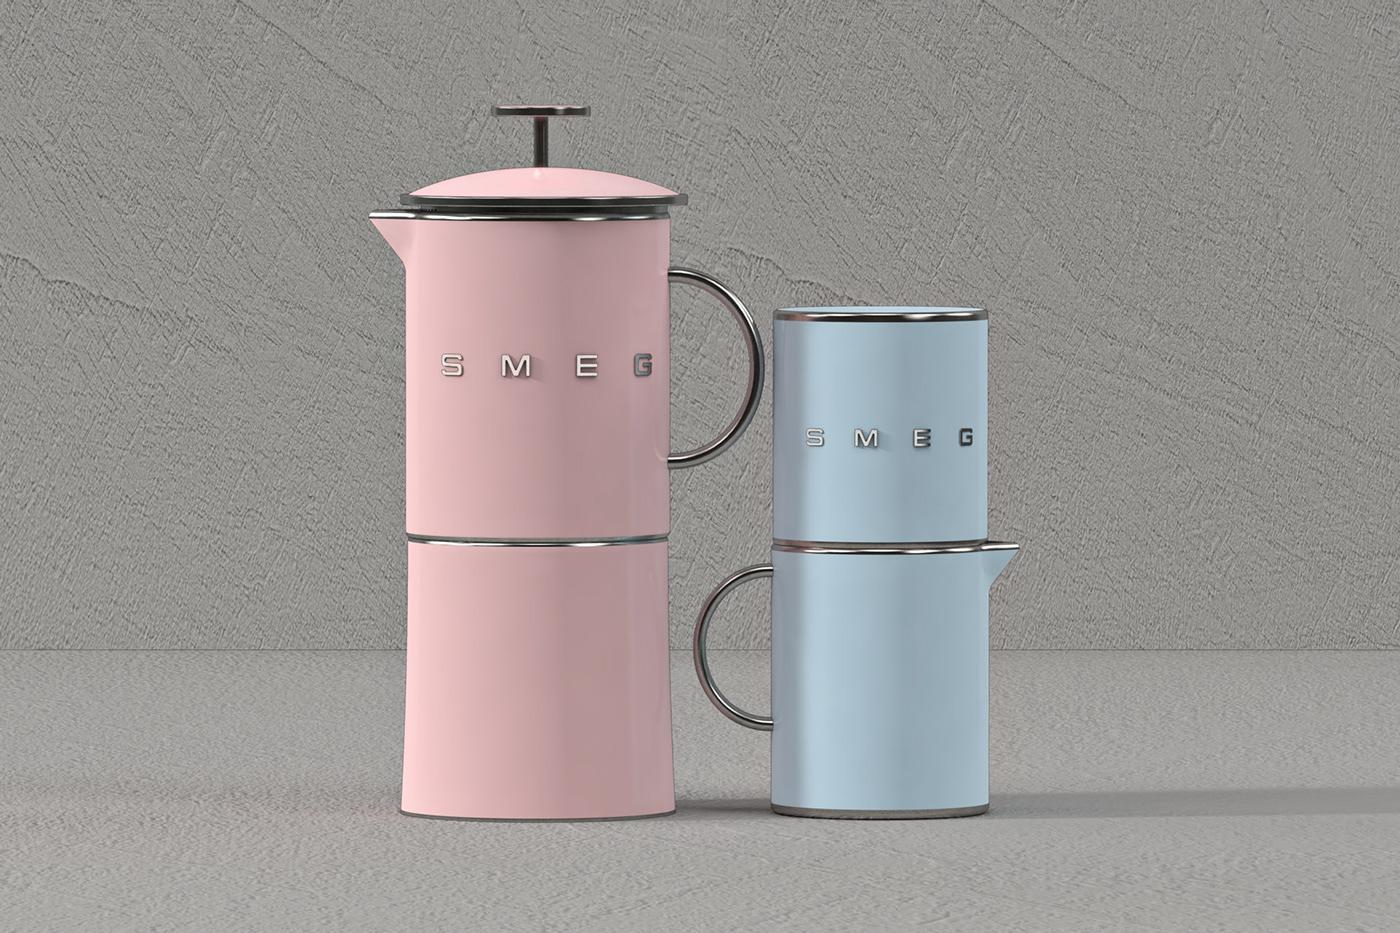 smeg product design  cinema4d 3D Render photoshop Illustrator homeware